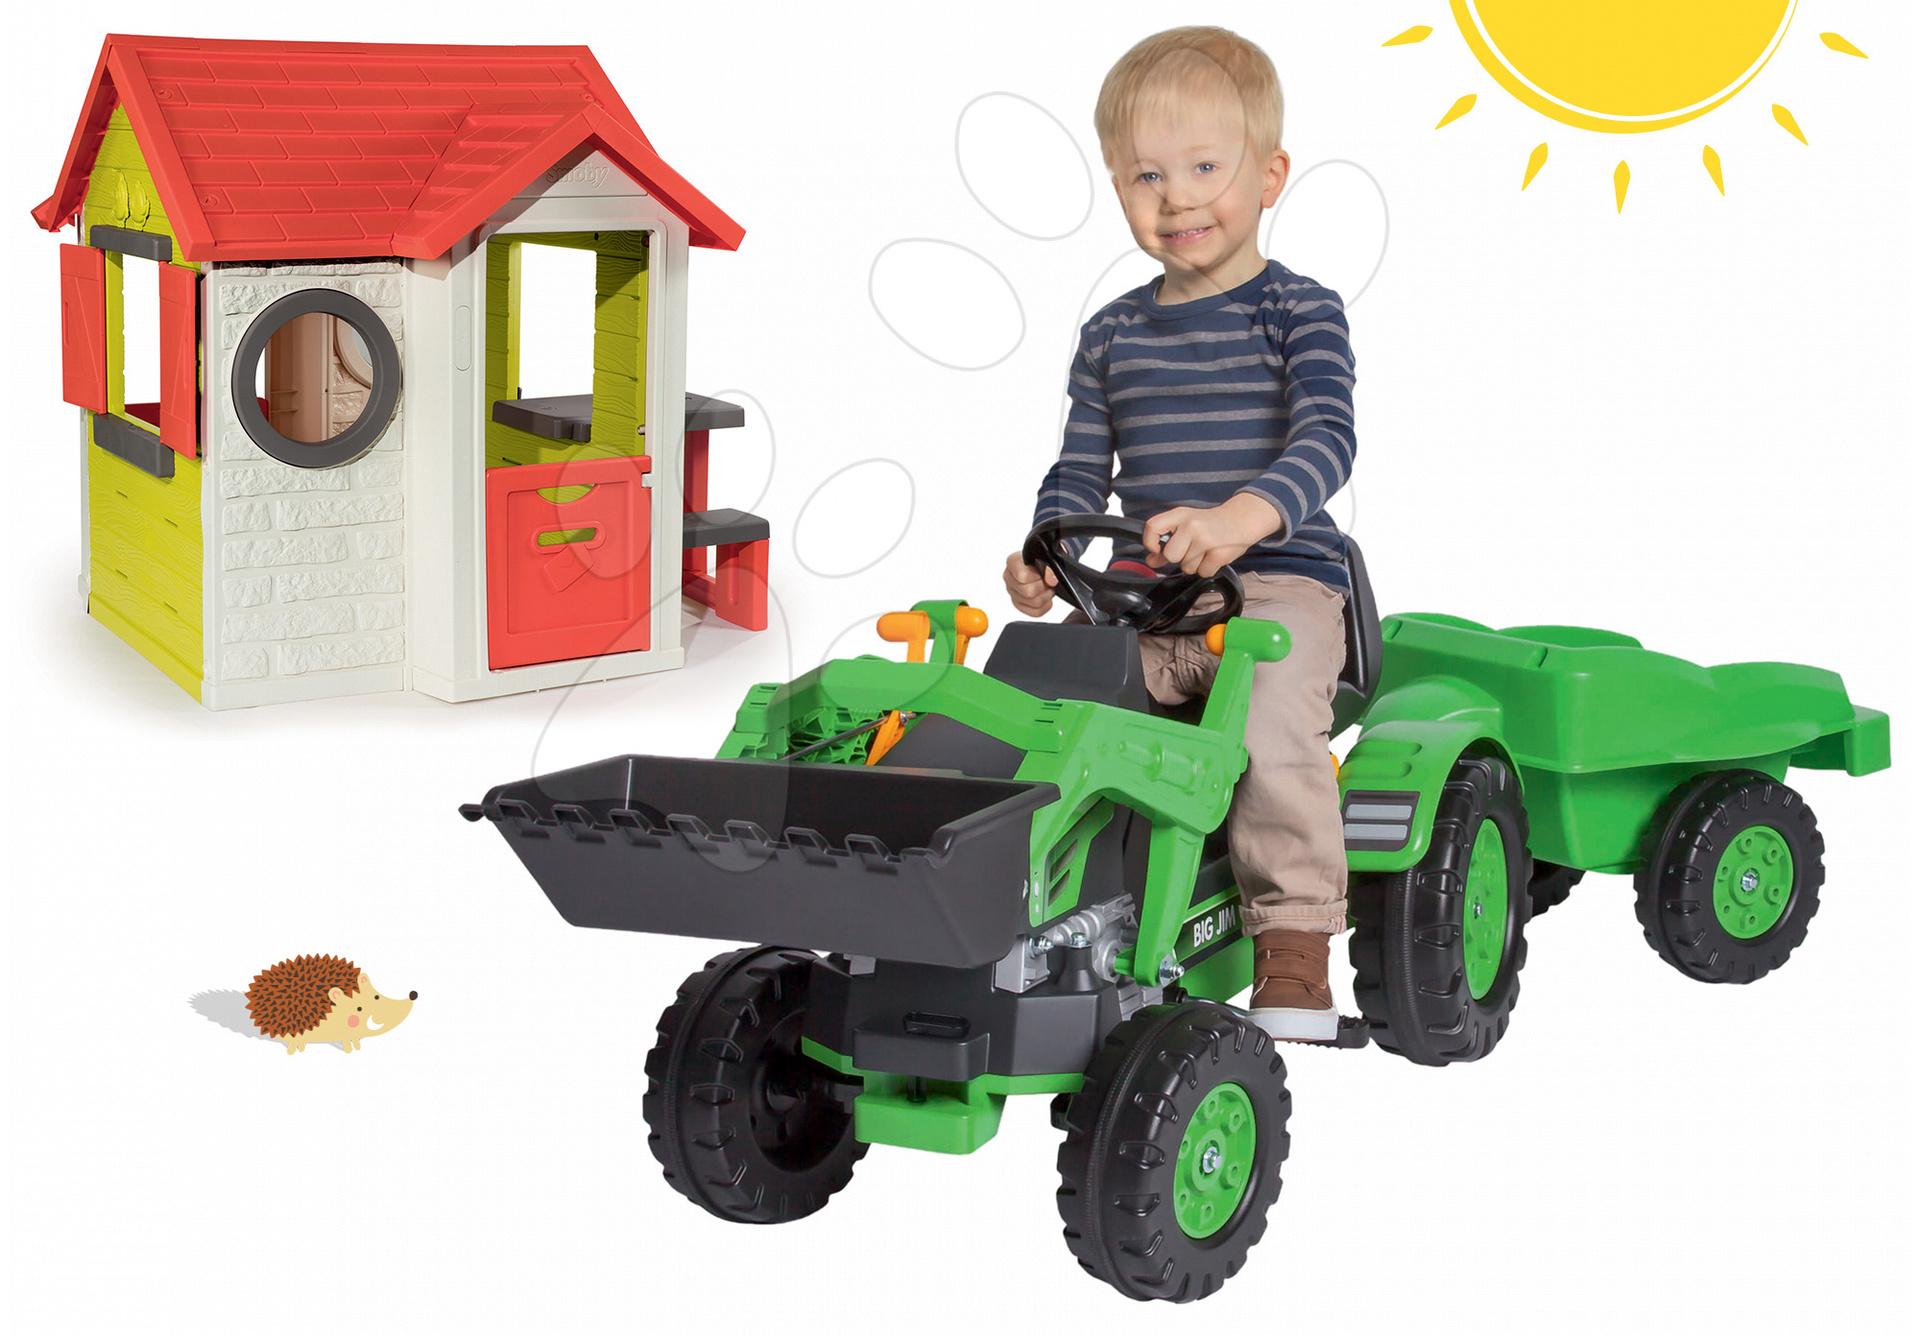 Set traktor na šliapanie Jim Loader BIG s nakladačom a prívesom a domček My House